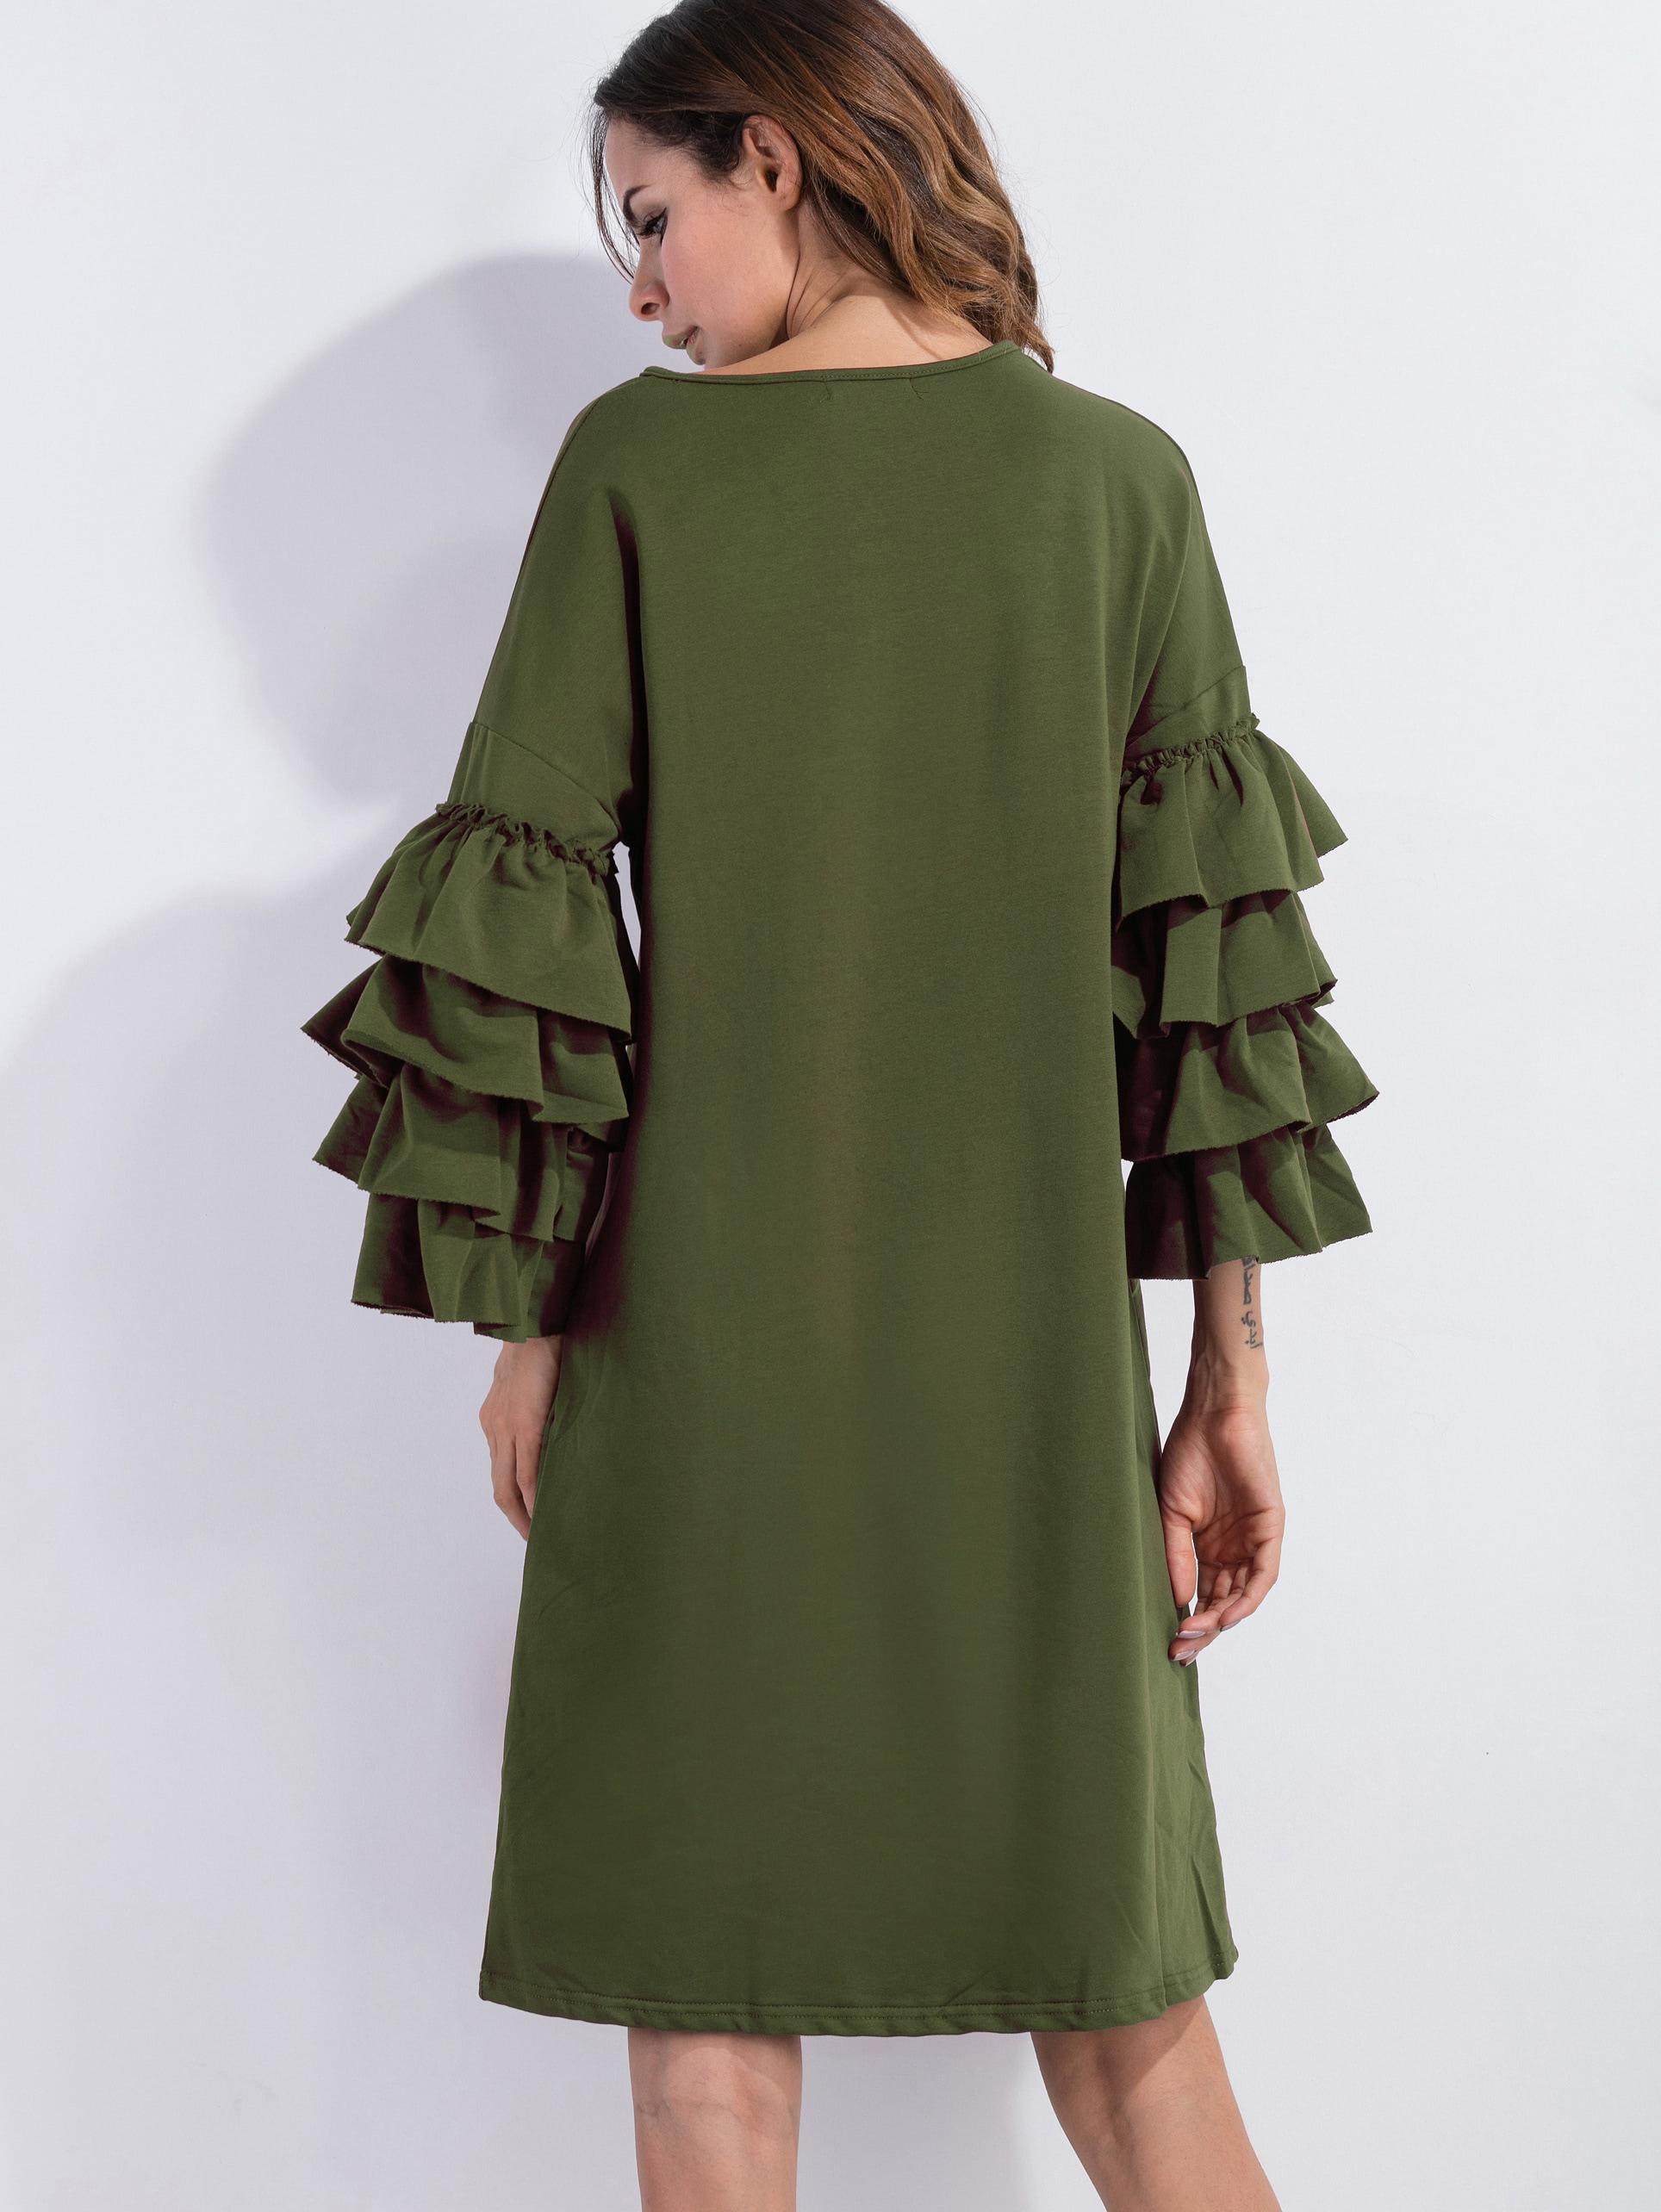 dress161017102_2